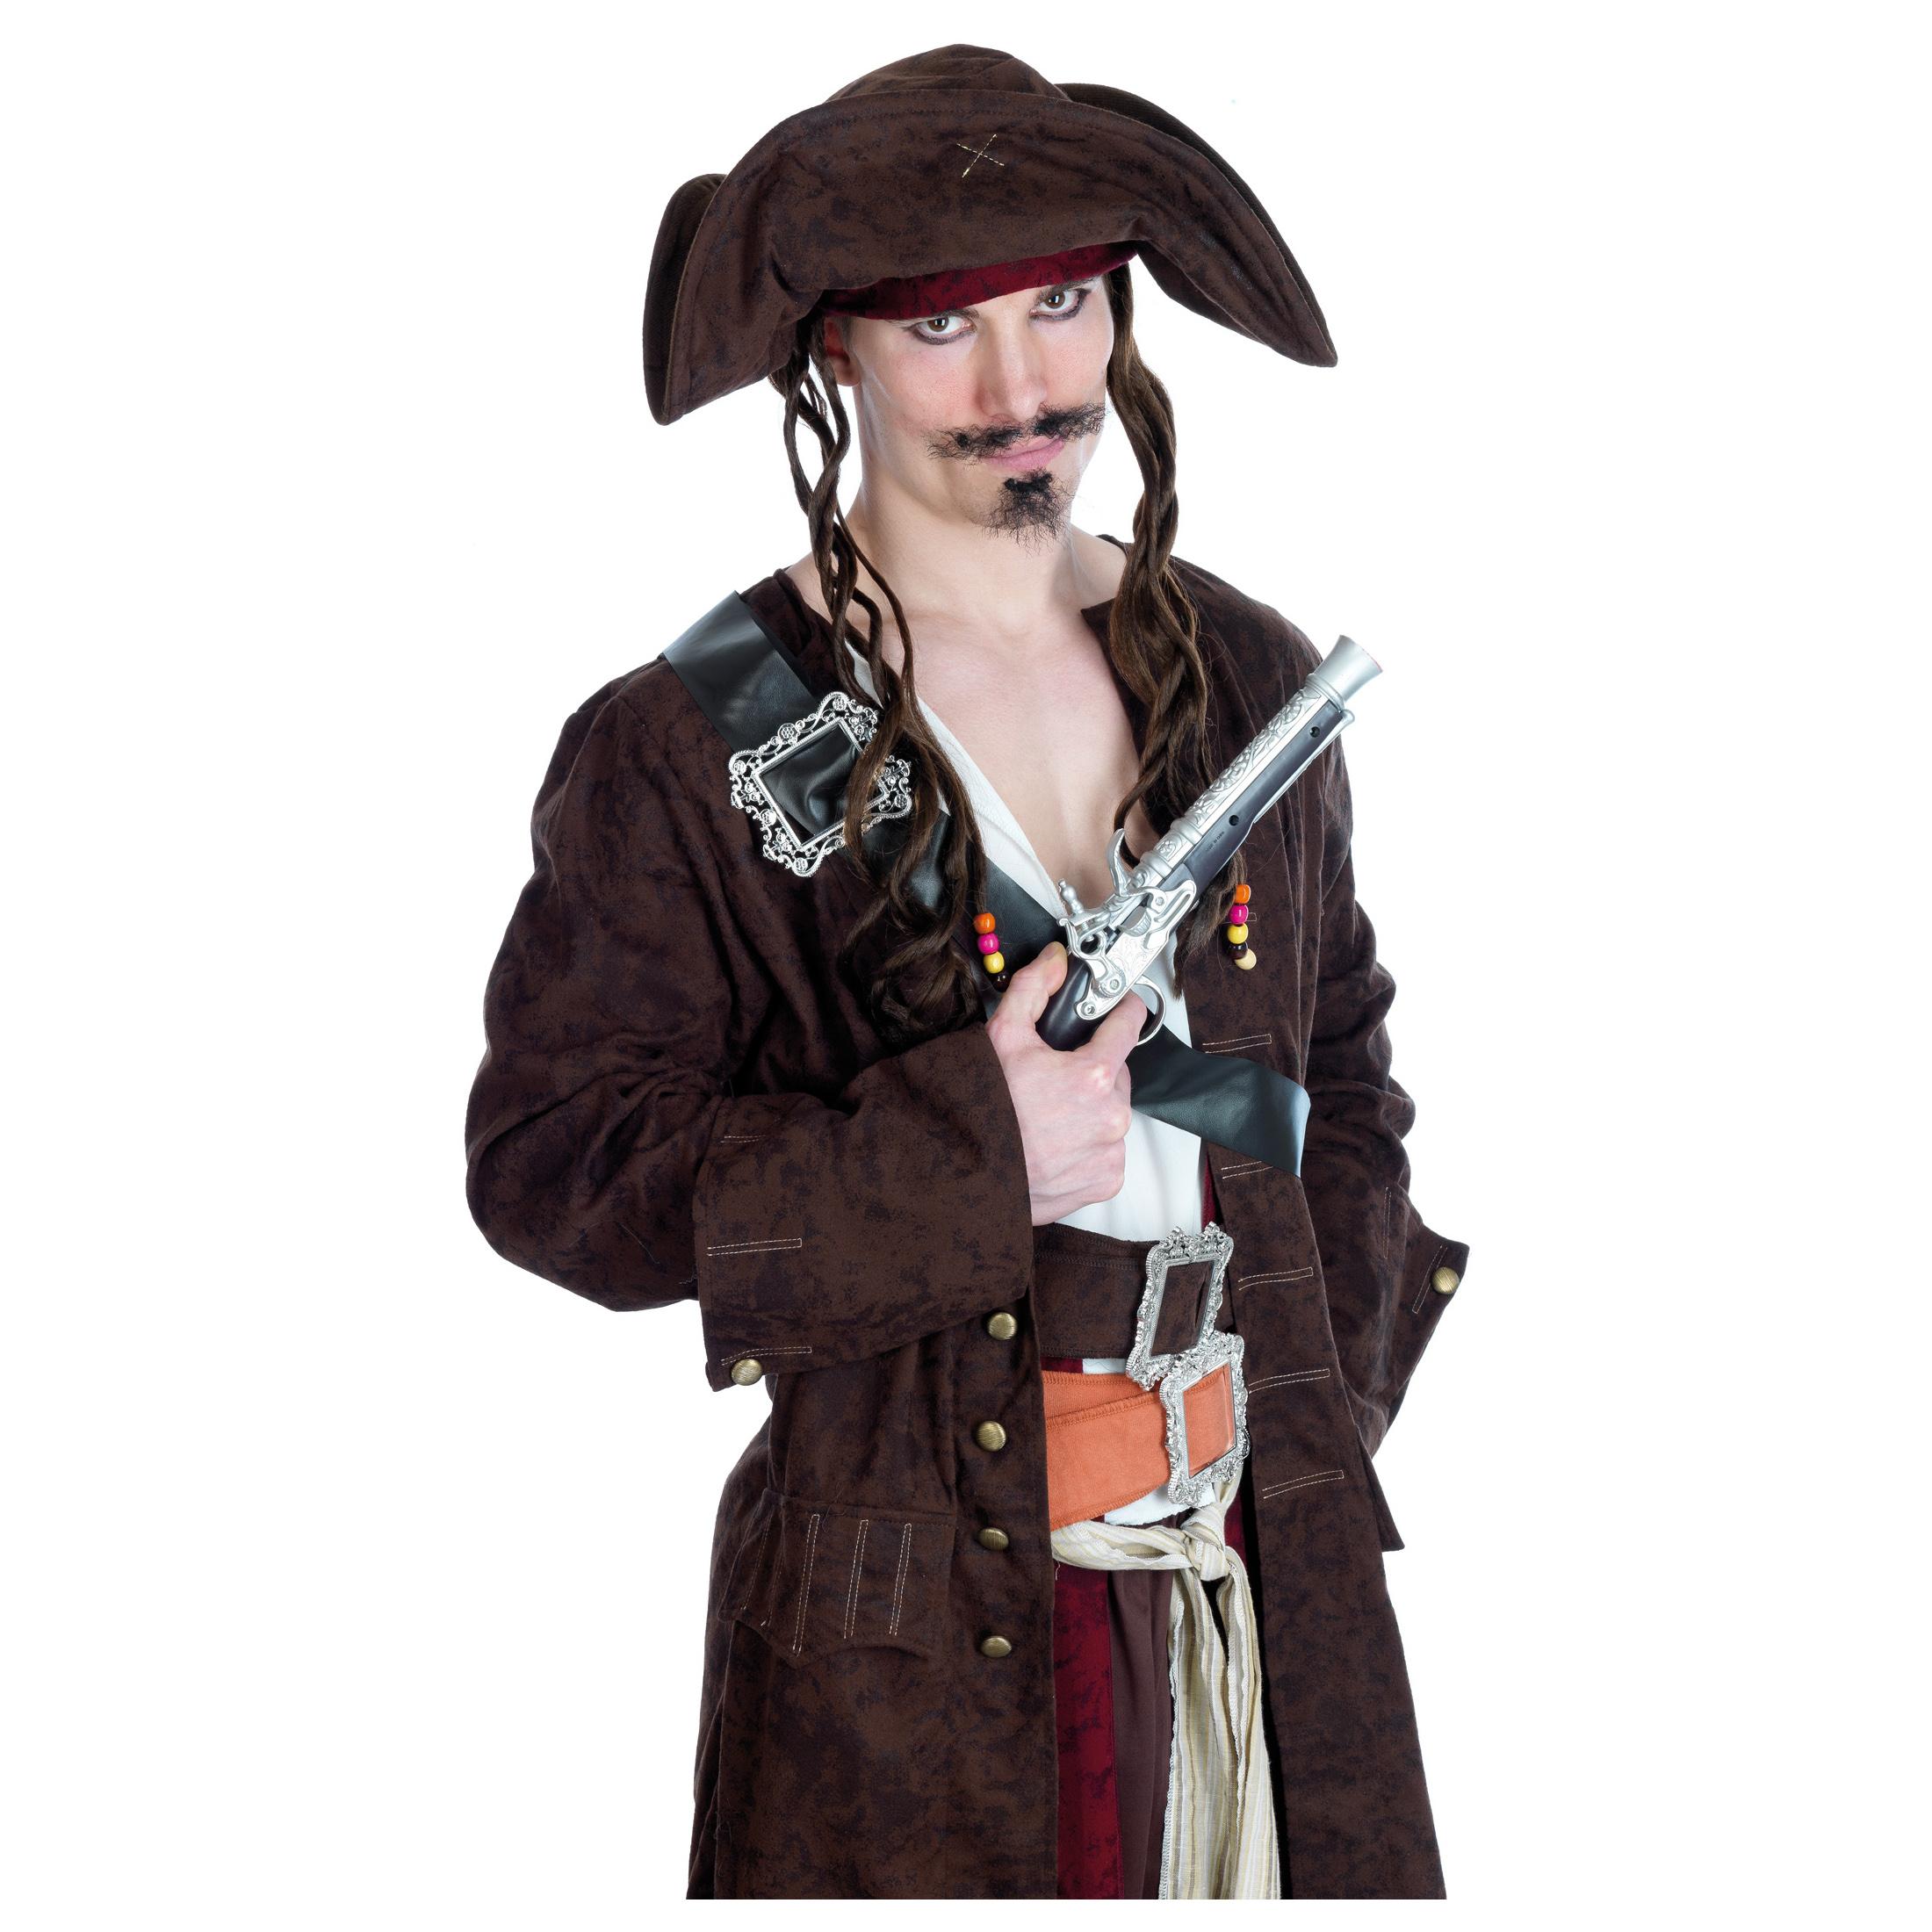 NUOVO Pirati maledizione Costume Make Up Set Accessorio